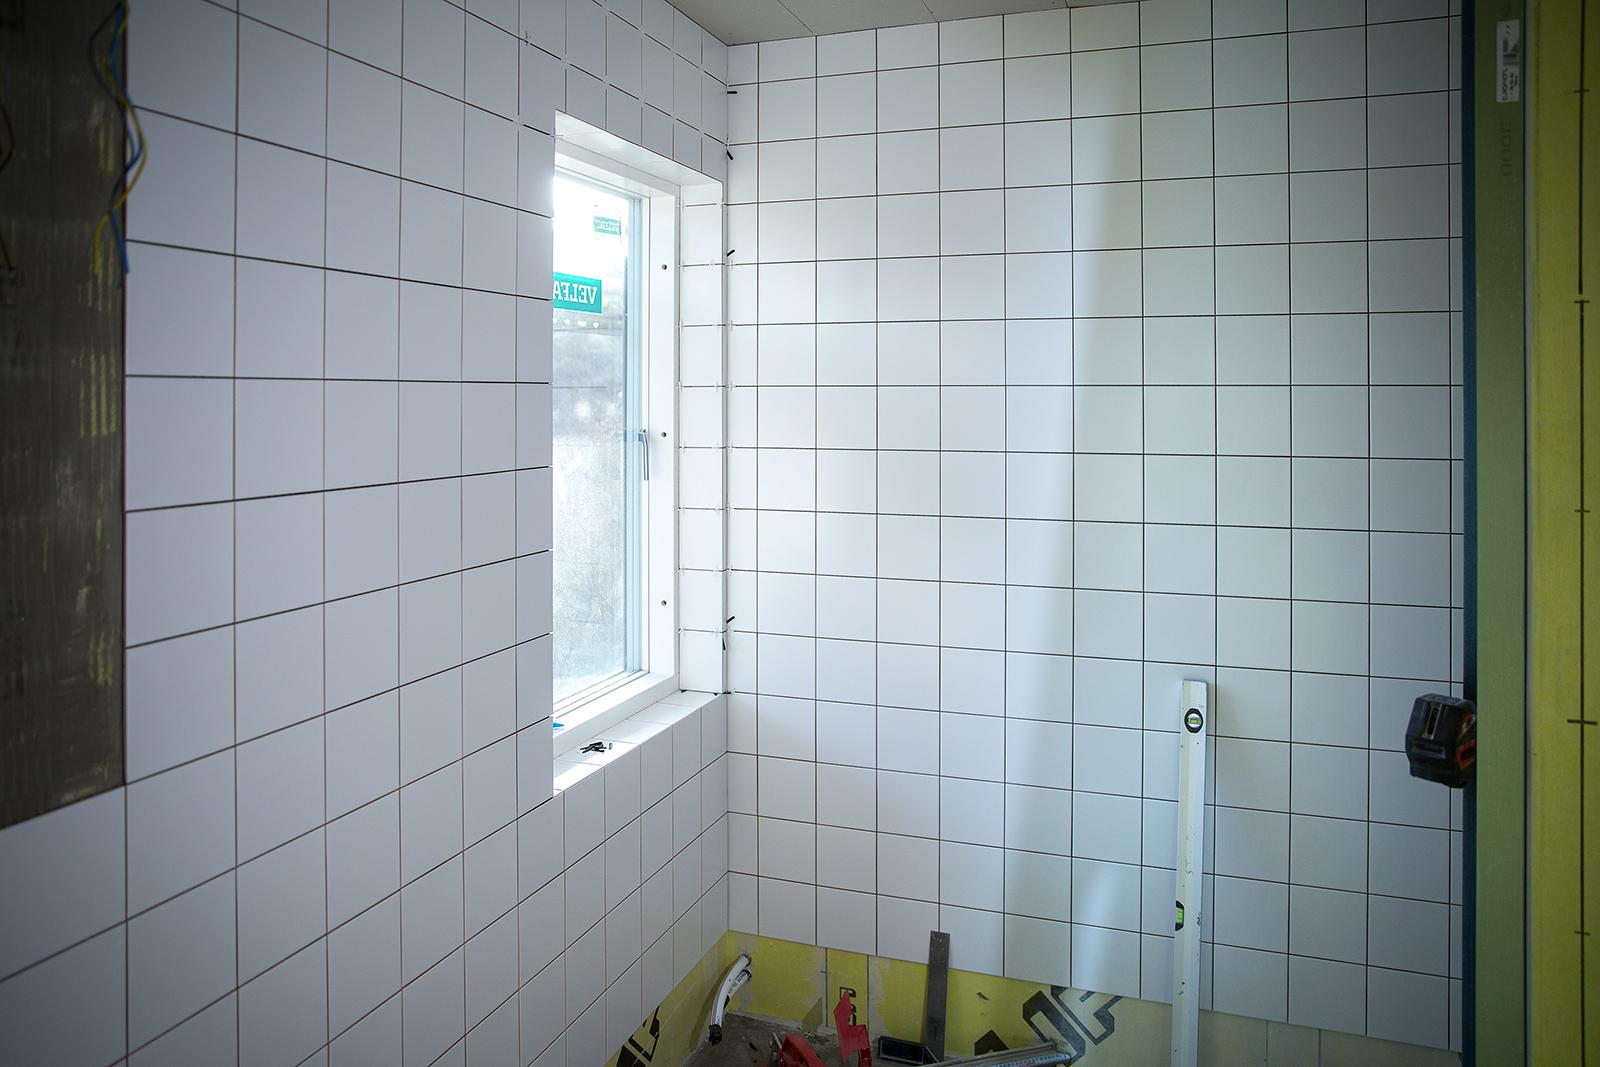 Heja abbe.: dr̦mmen om ett fritidshus Рdel 28. badrum.